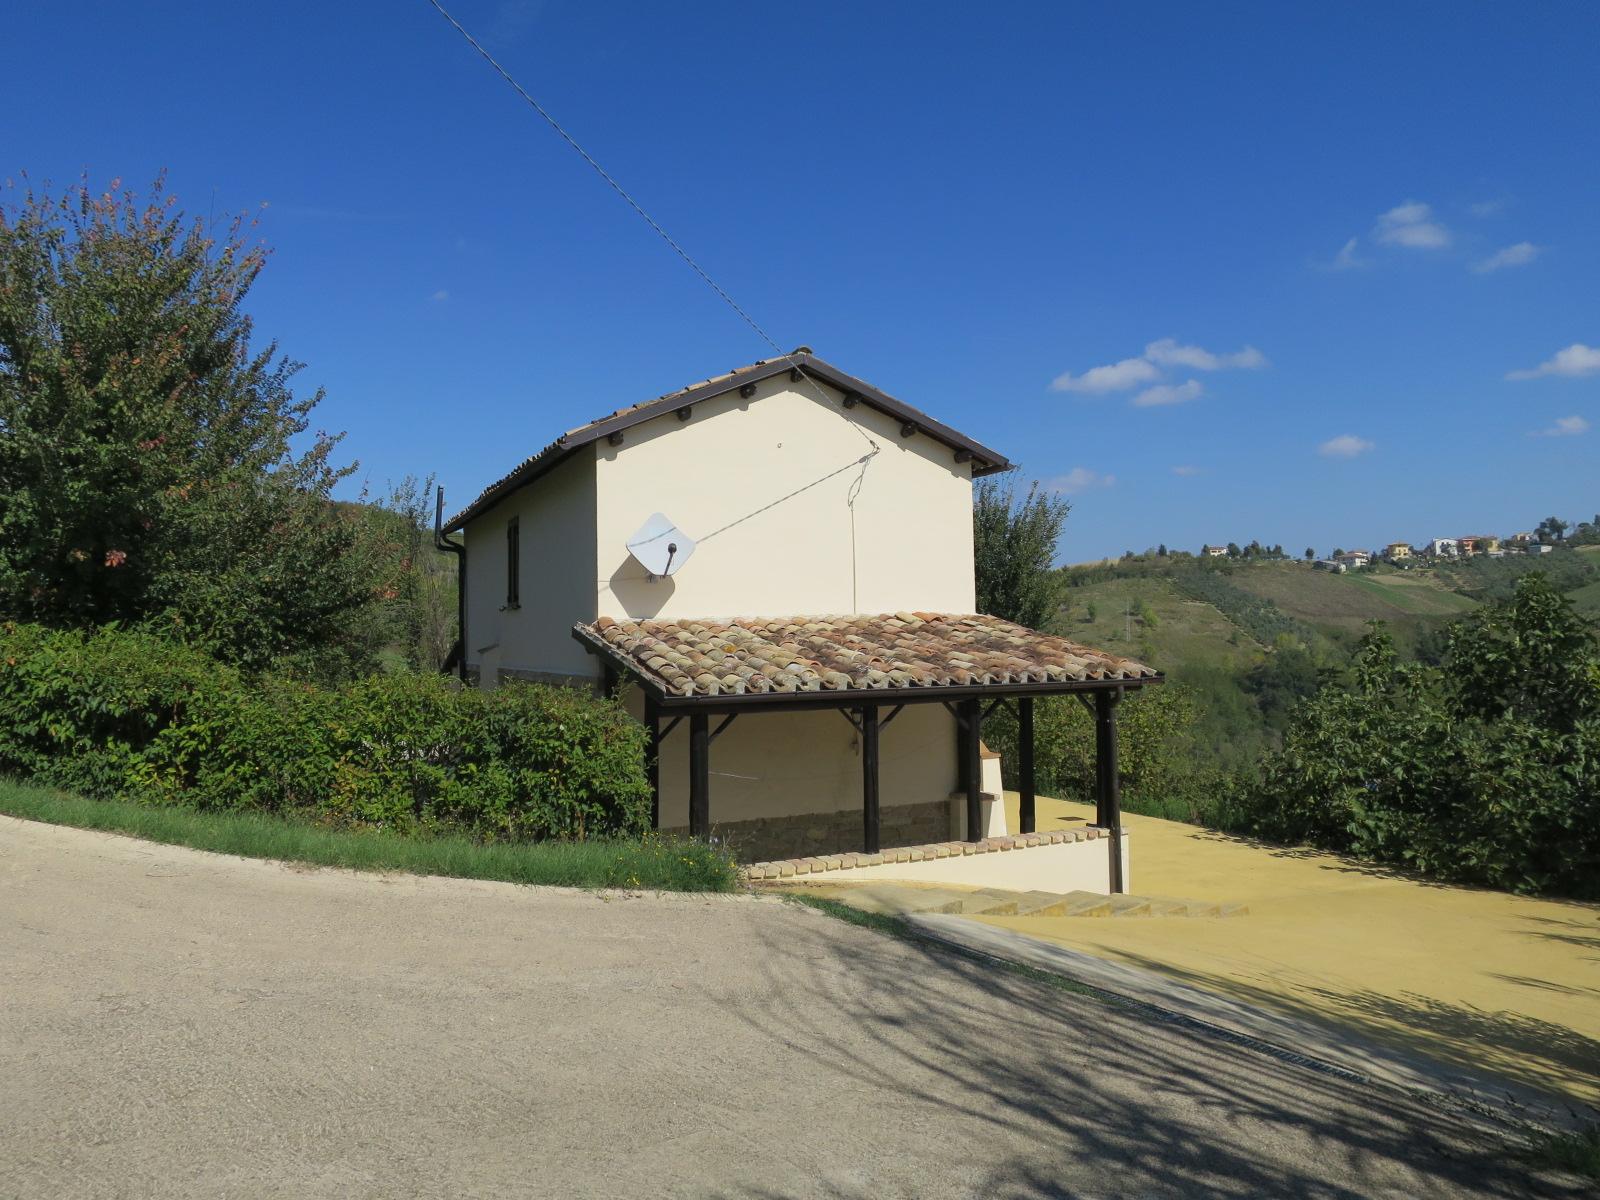 Casa di campagna Casa di campagna in vendita Montefino (TE), Casa Collina - Montefino - EUR 151.447 280